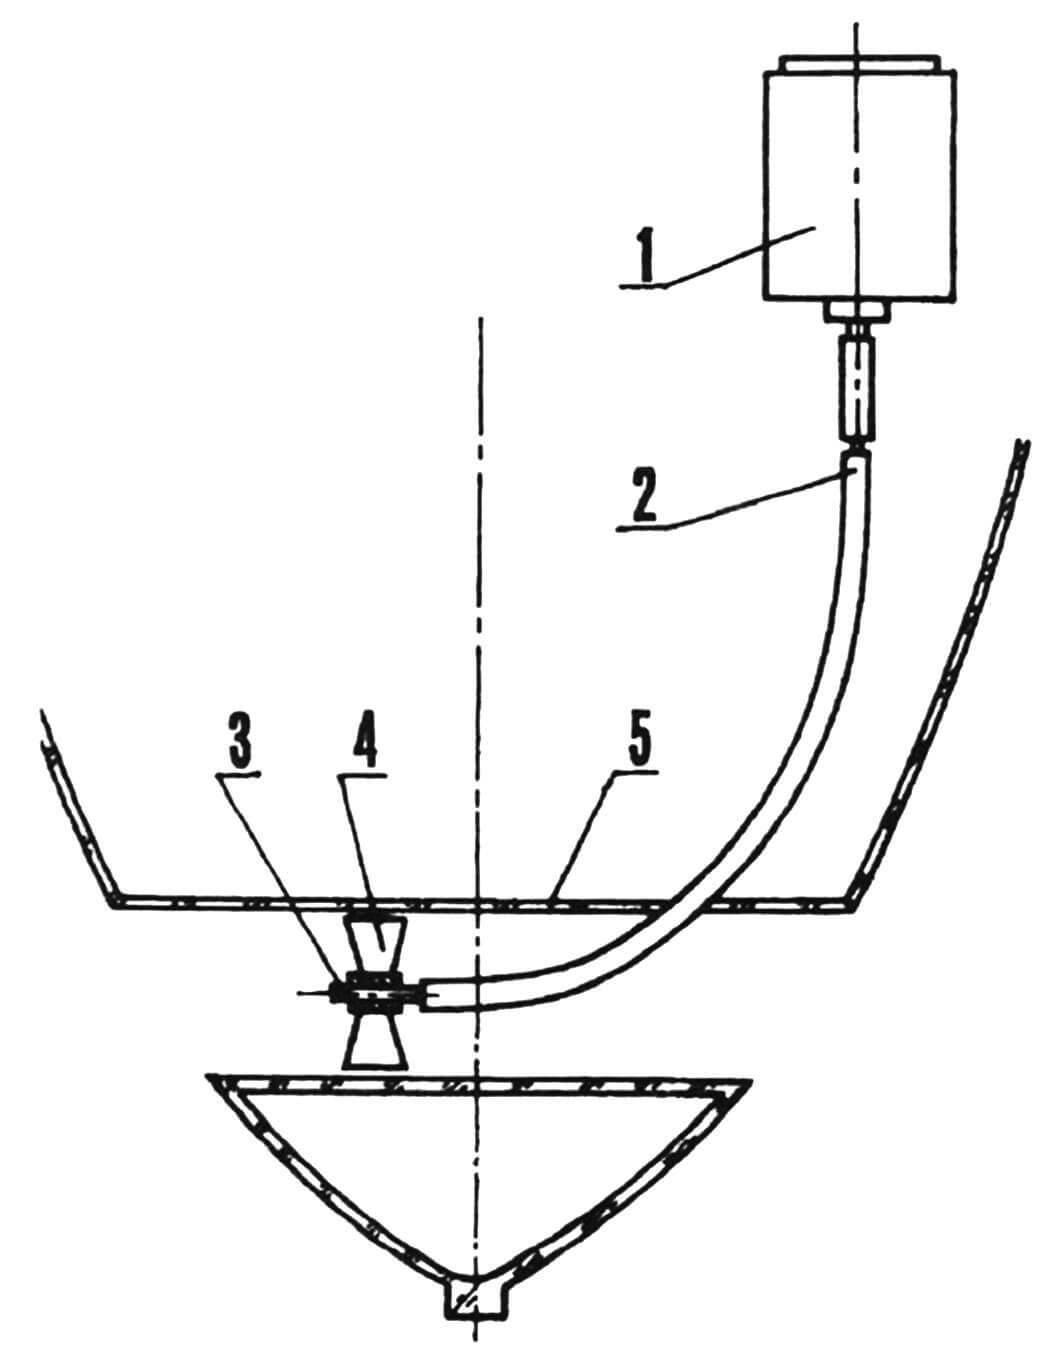 Рис. 3. Подруливающее устройство: 1 — электродвигатель; 2 — трубка; 3 — вал гибкий (плетеный стальной тросик); 4 — винт; 5 — канал.